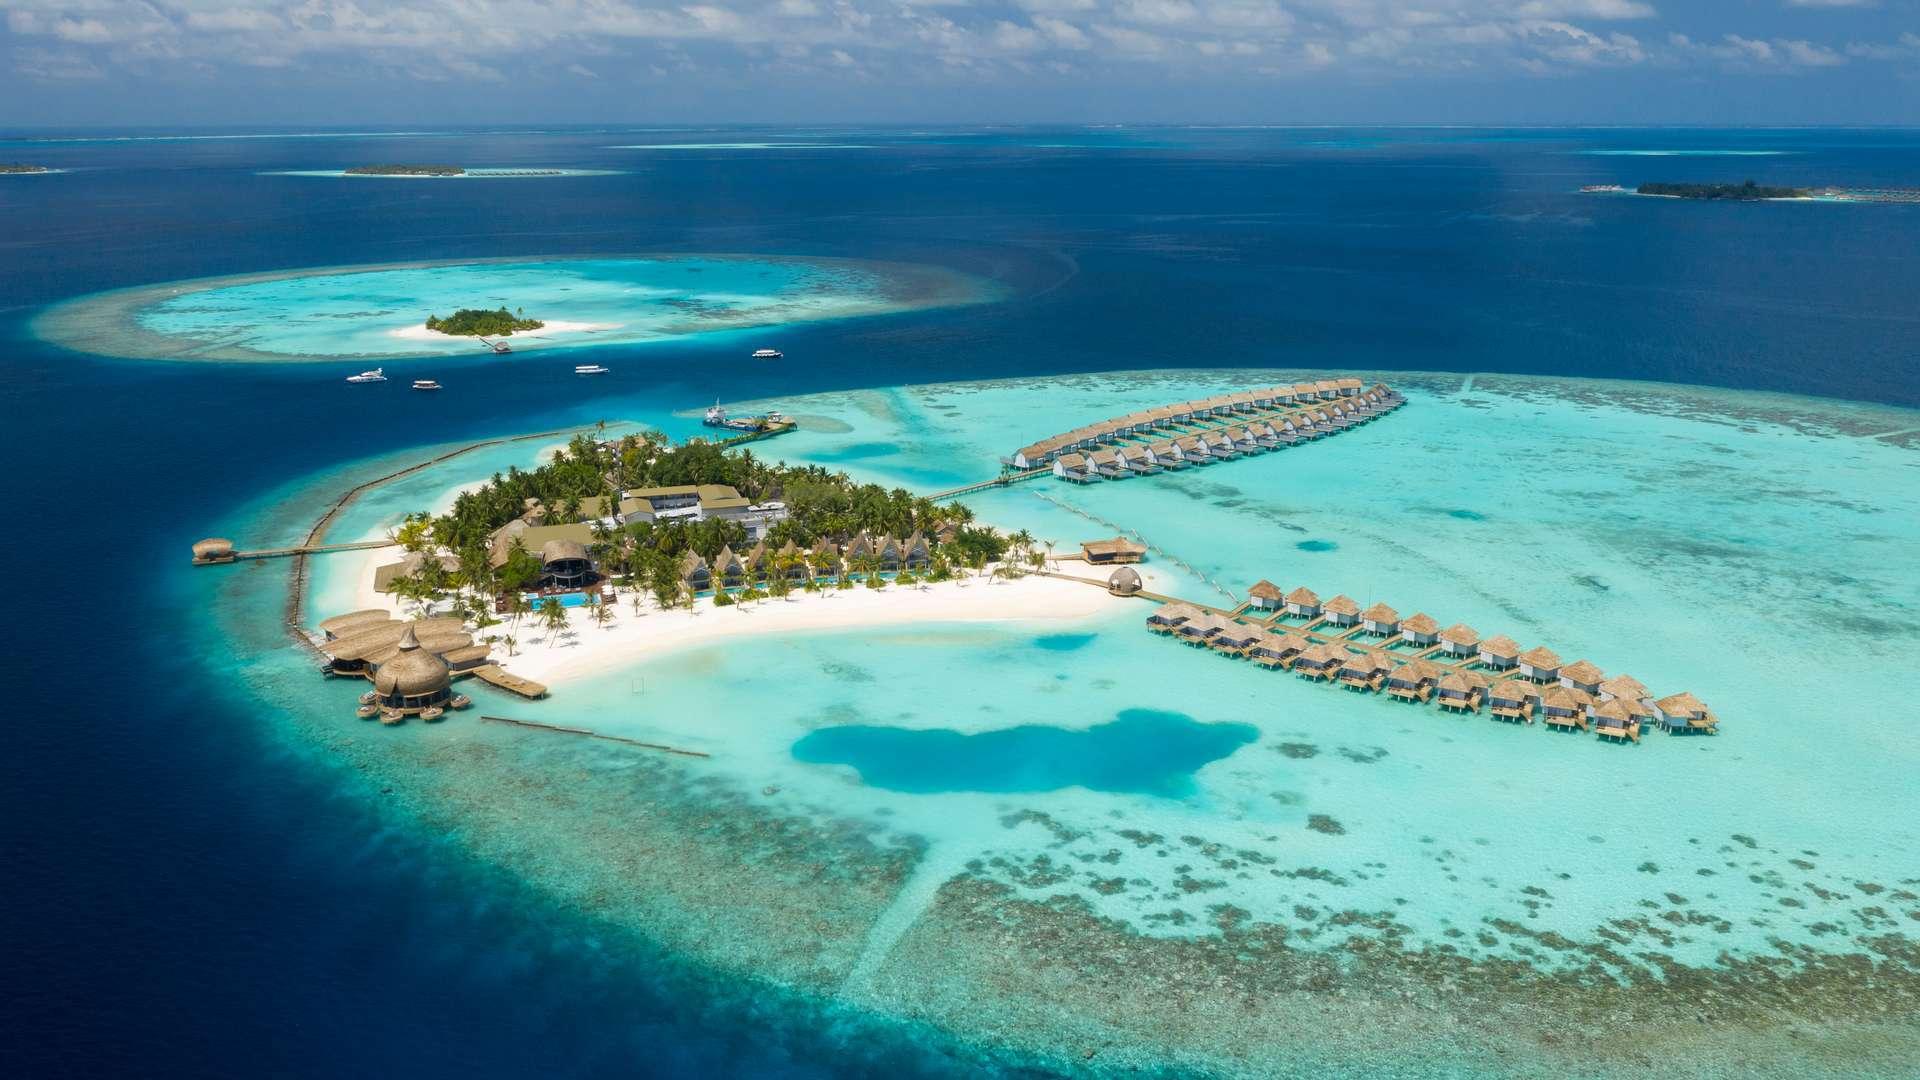 أفضل 50 مكانًا للسياحة في العالم